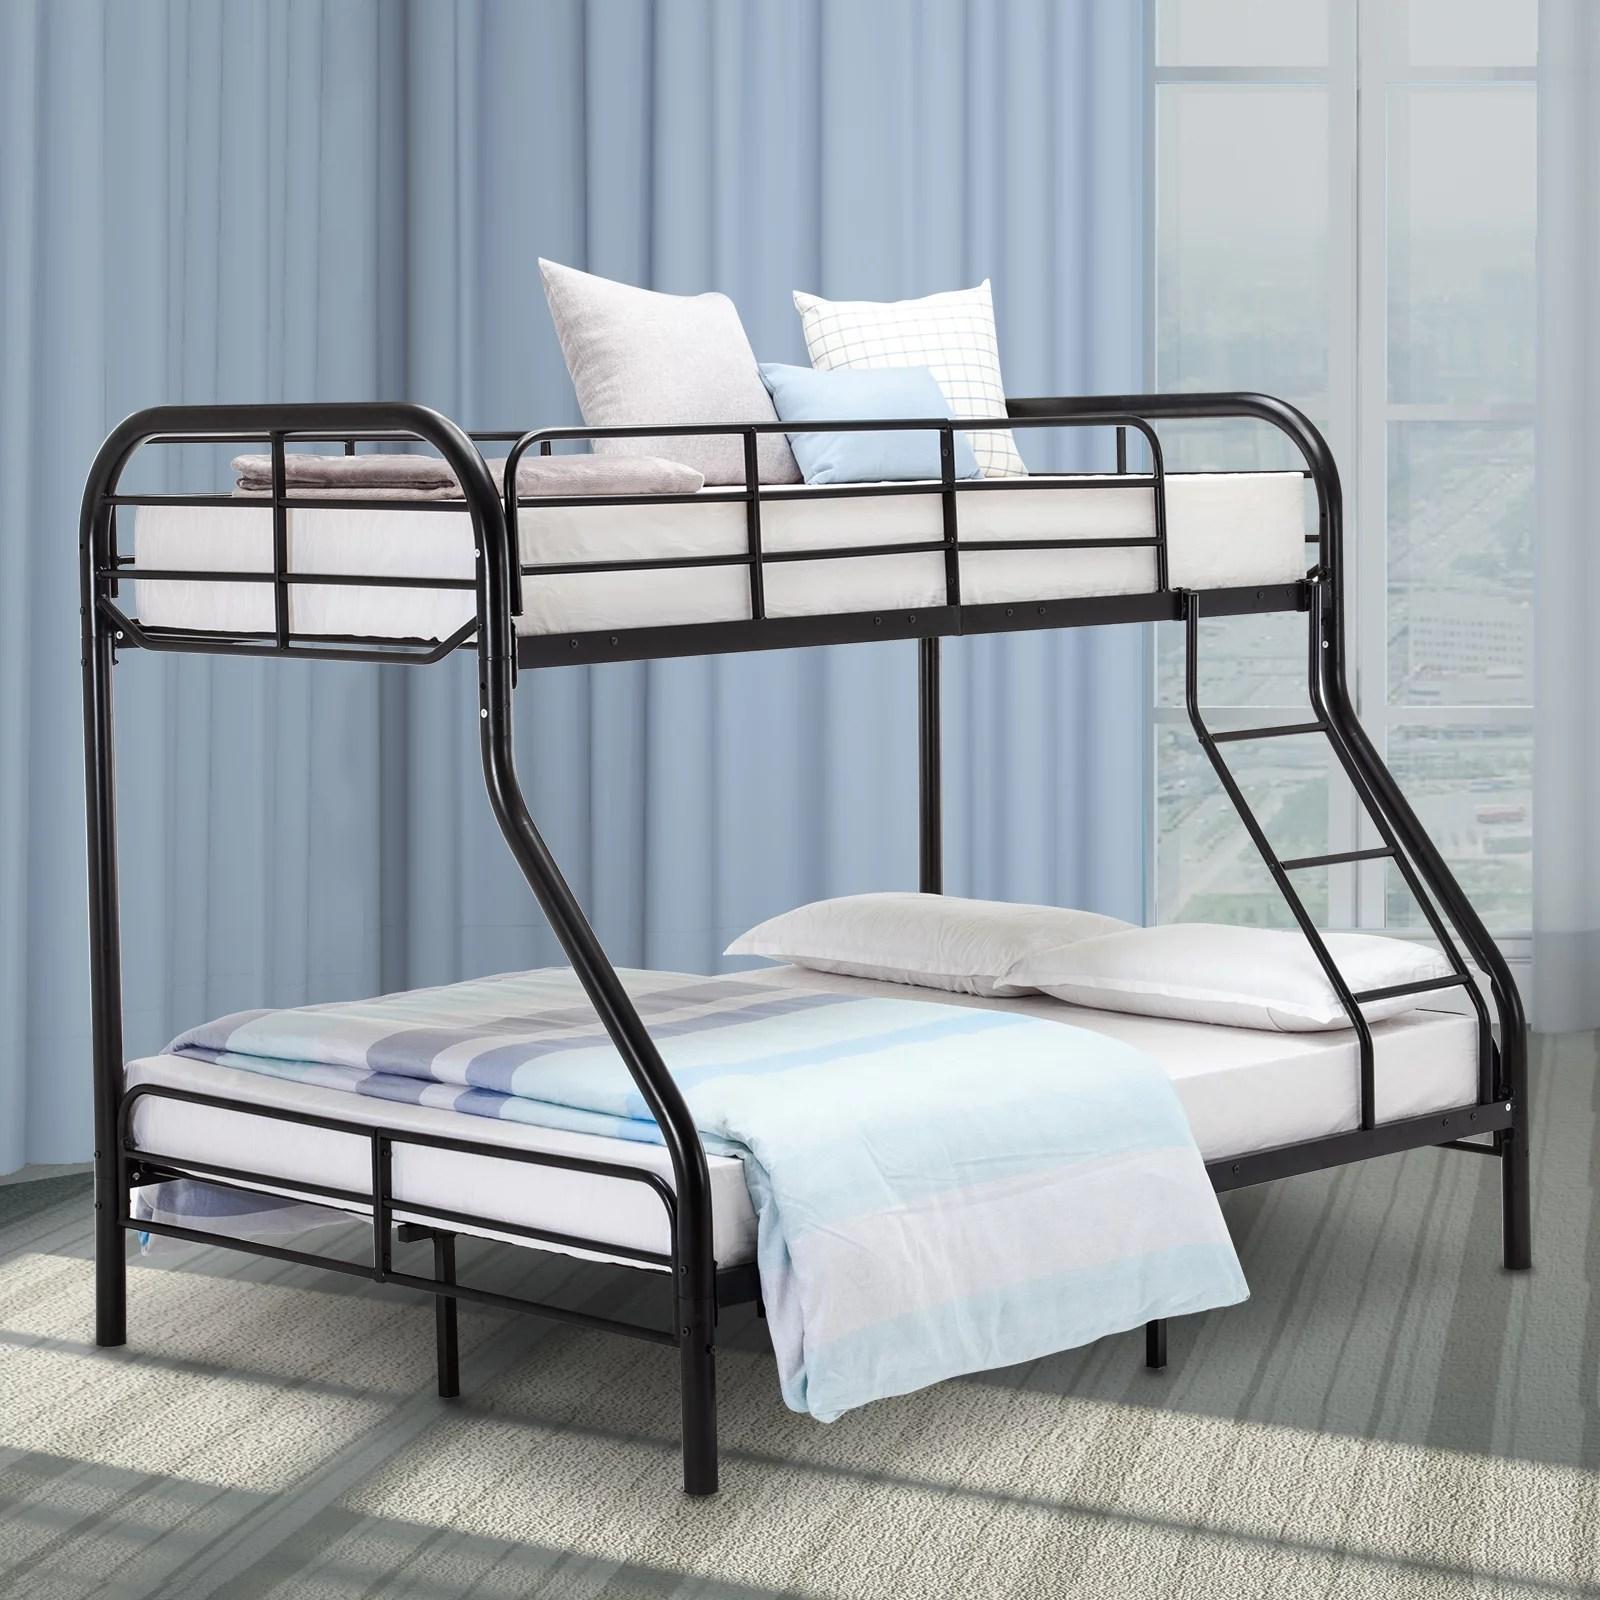 Walmart Bunk Beds Twin Over Full Novocom Top